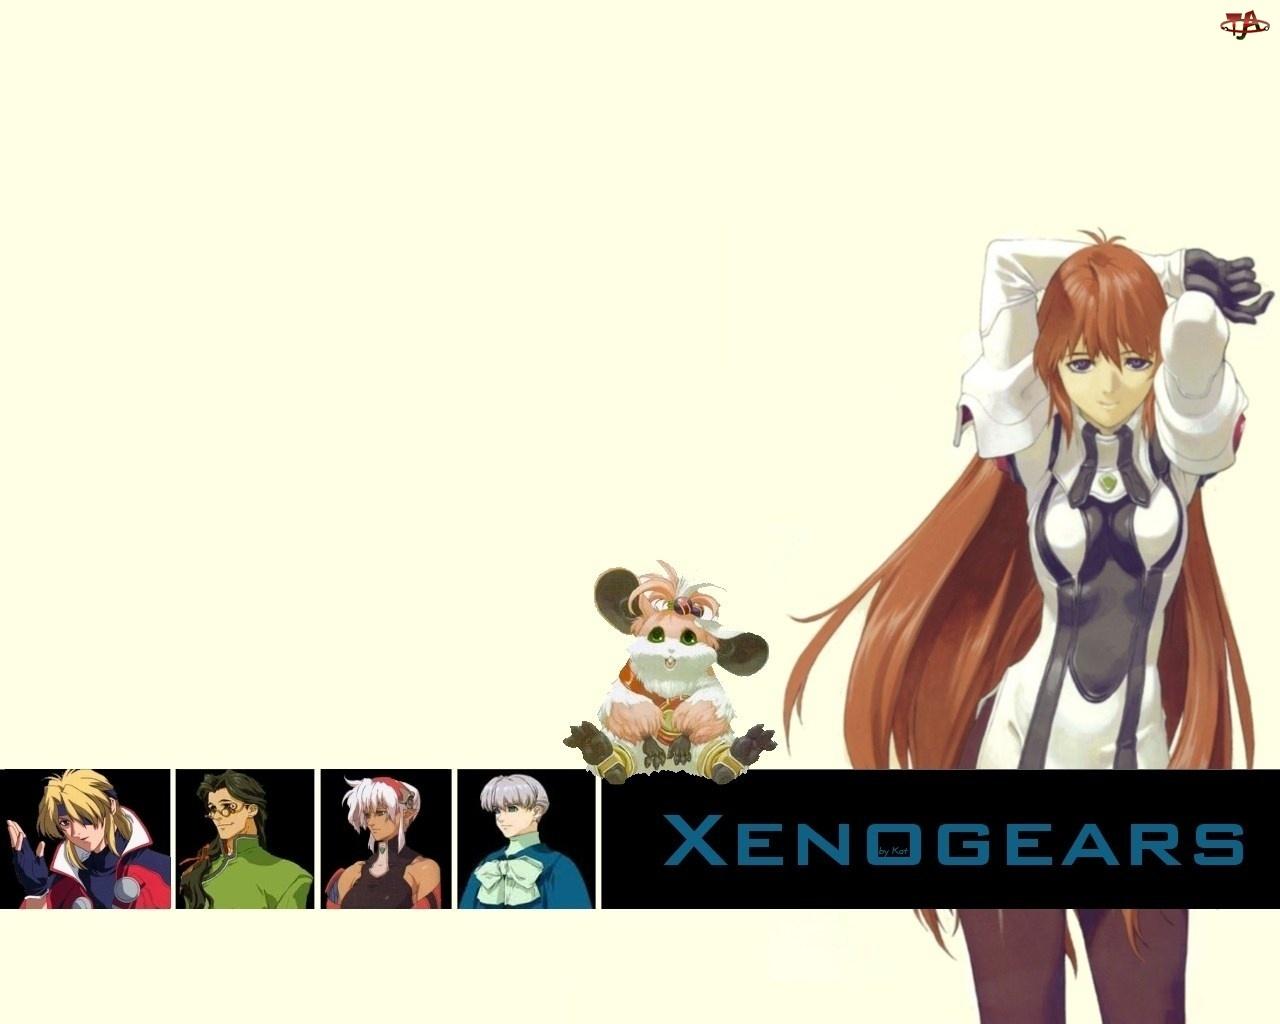 zwierzątko, Xenogears, postacie